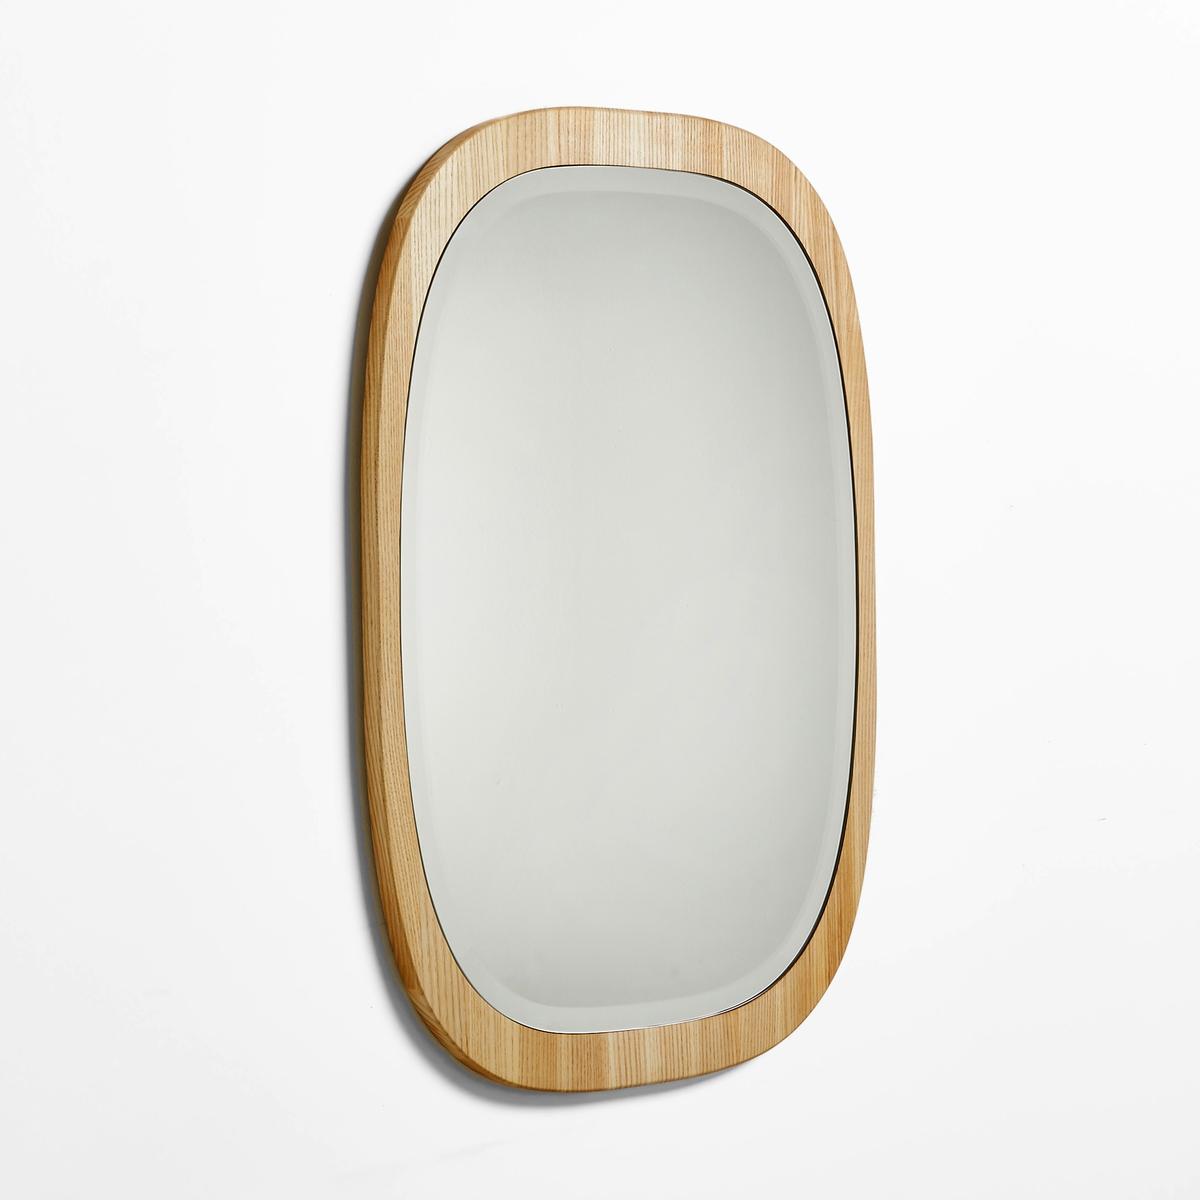 Зеркало OKANХарактеристики зеркала Okan :Зеркало из ясеня вертикального или горизонтального крепления, задняя панель из МДФ.2 пластины для каждого крепления.- Шурупы и дюбели продаются отдельно.Размеры зеркала Okan :Разм. 43 x 65 см x толщина 1,8 см. Другие зеркала вы можете найти на сайте laredoute.ru<br><br>Цвет: серо-бежевый